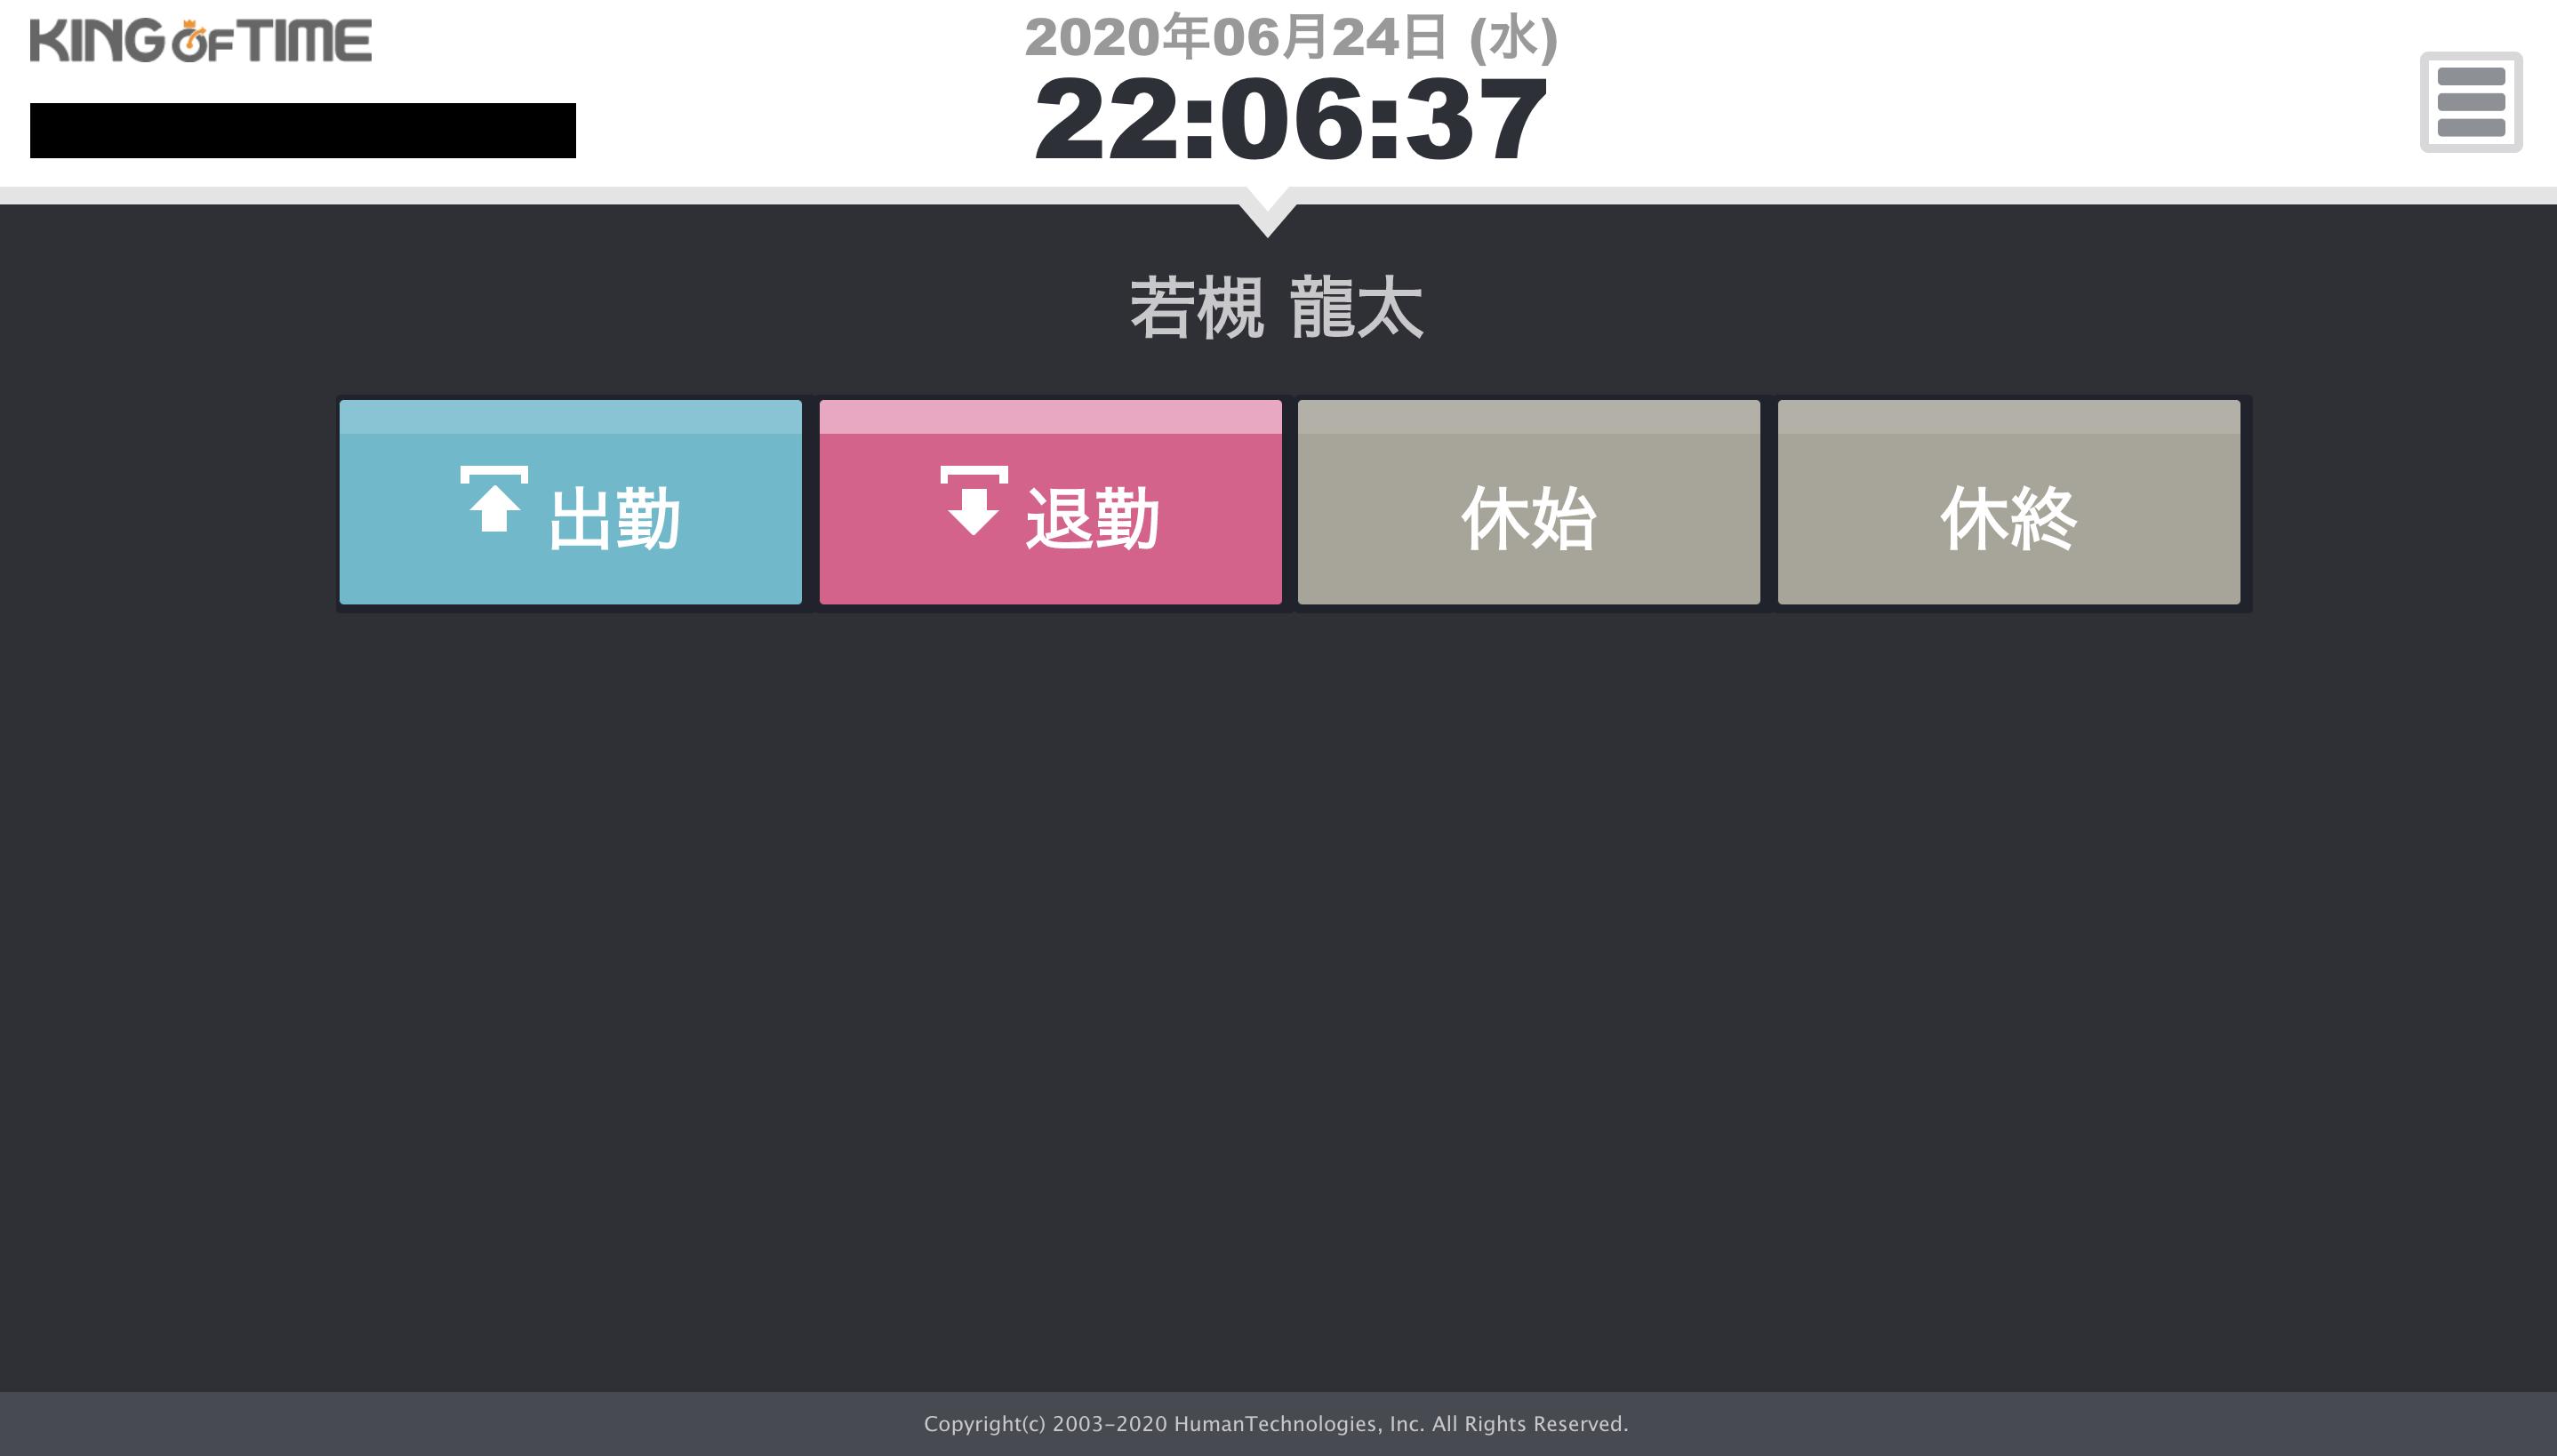 スクリーンショット 2020-06-24 22.06.37.png